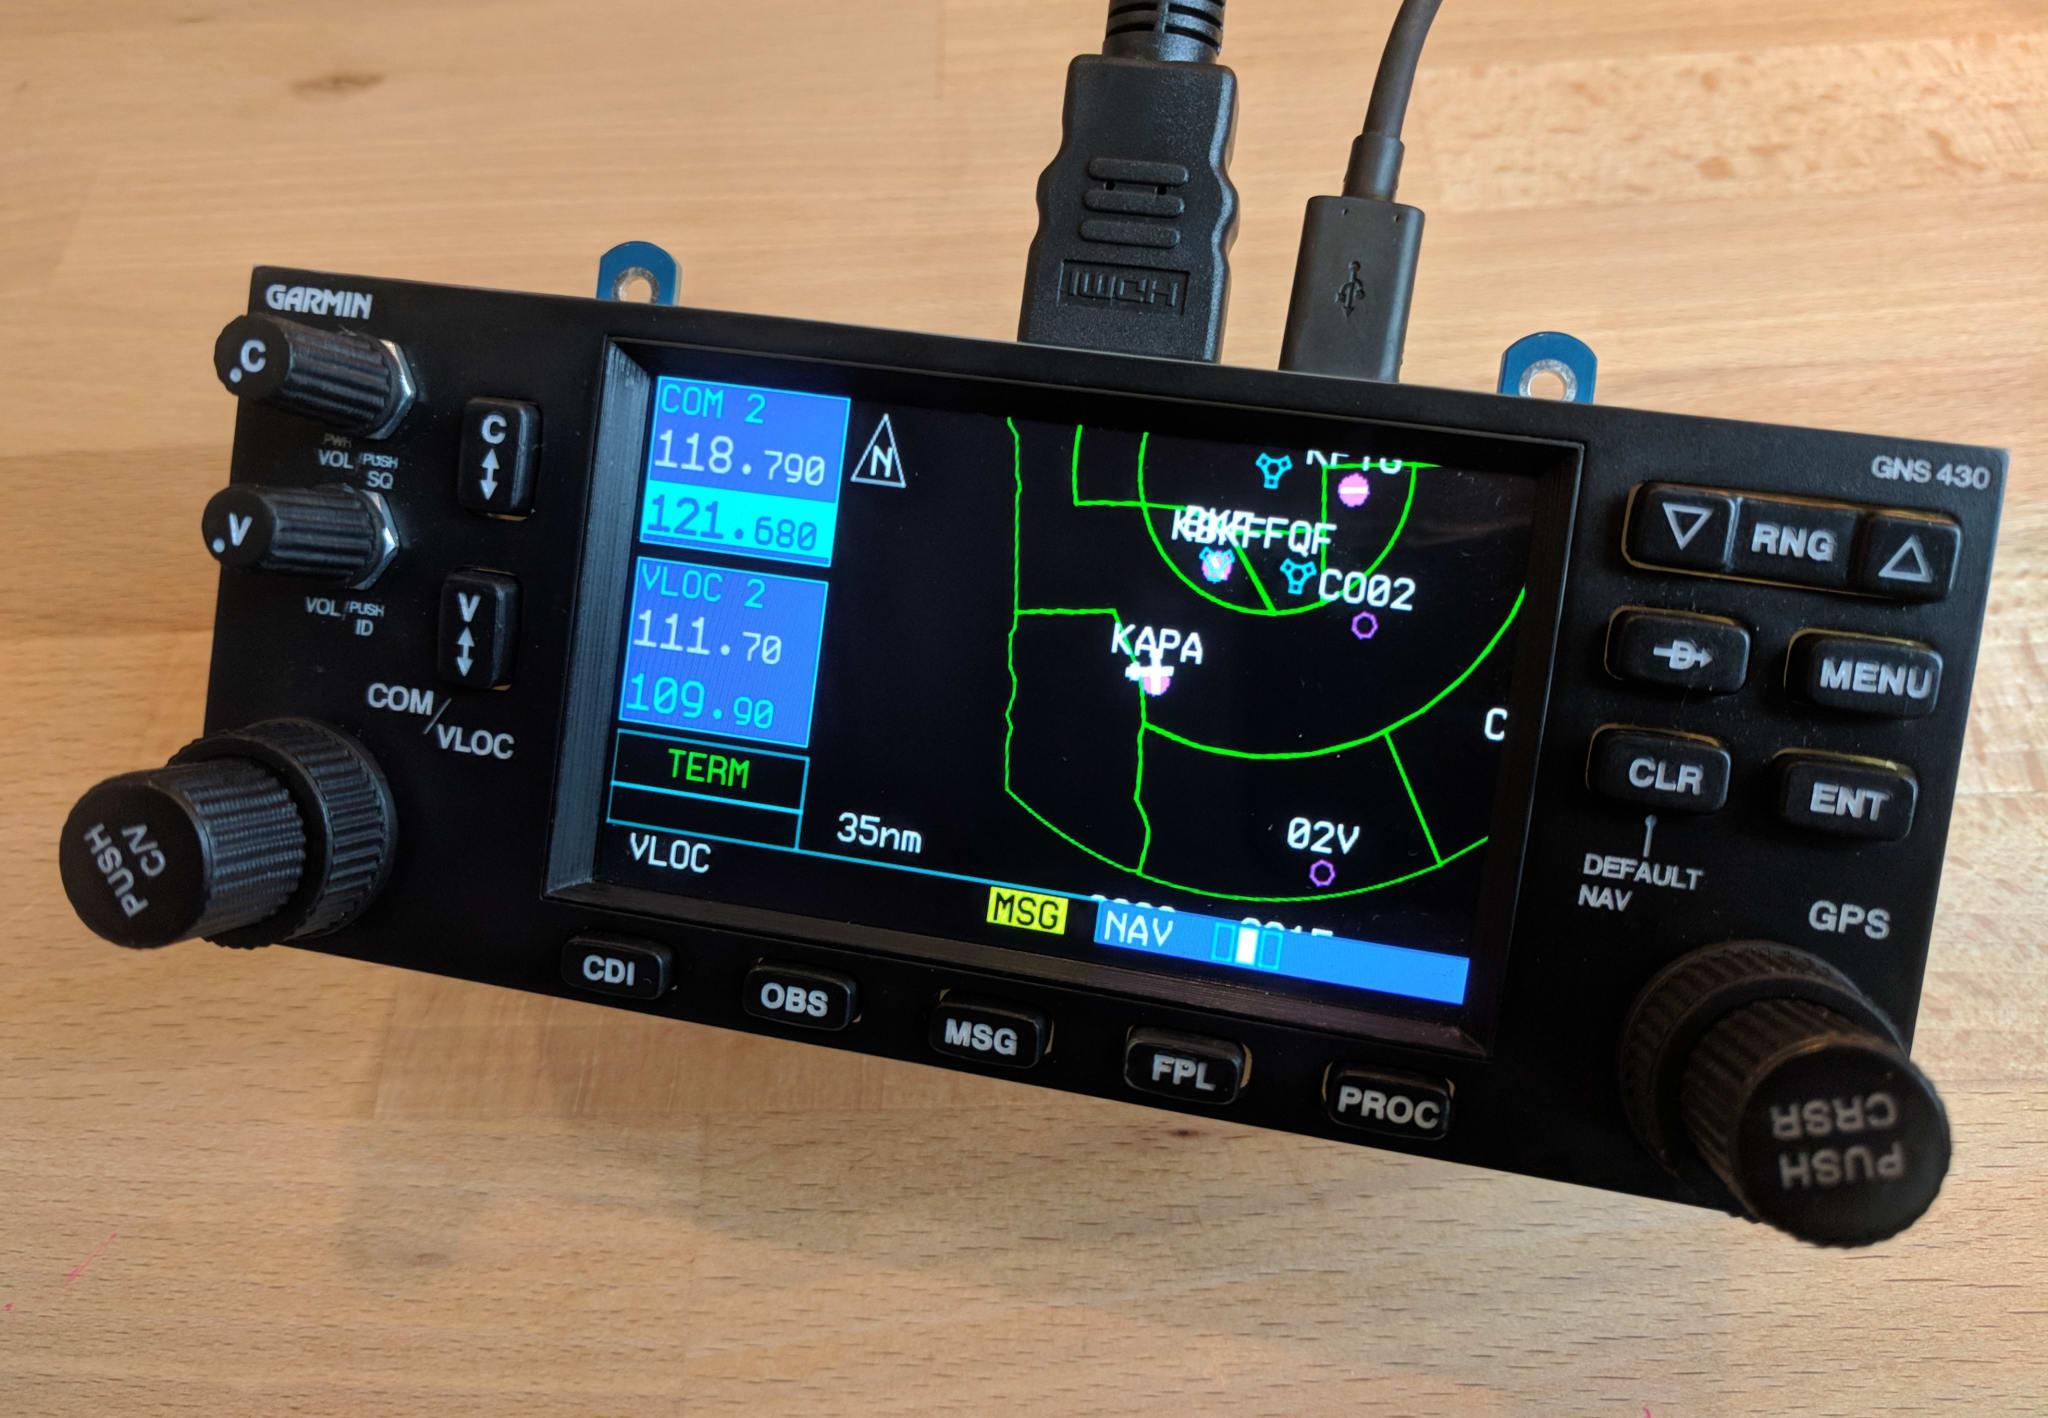 Garmin GNS 430 - Cessna 172 Flight Simulator Panel